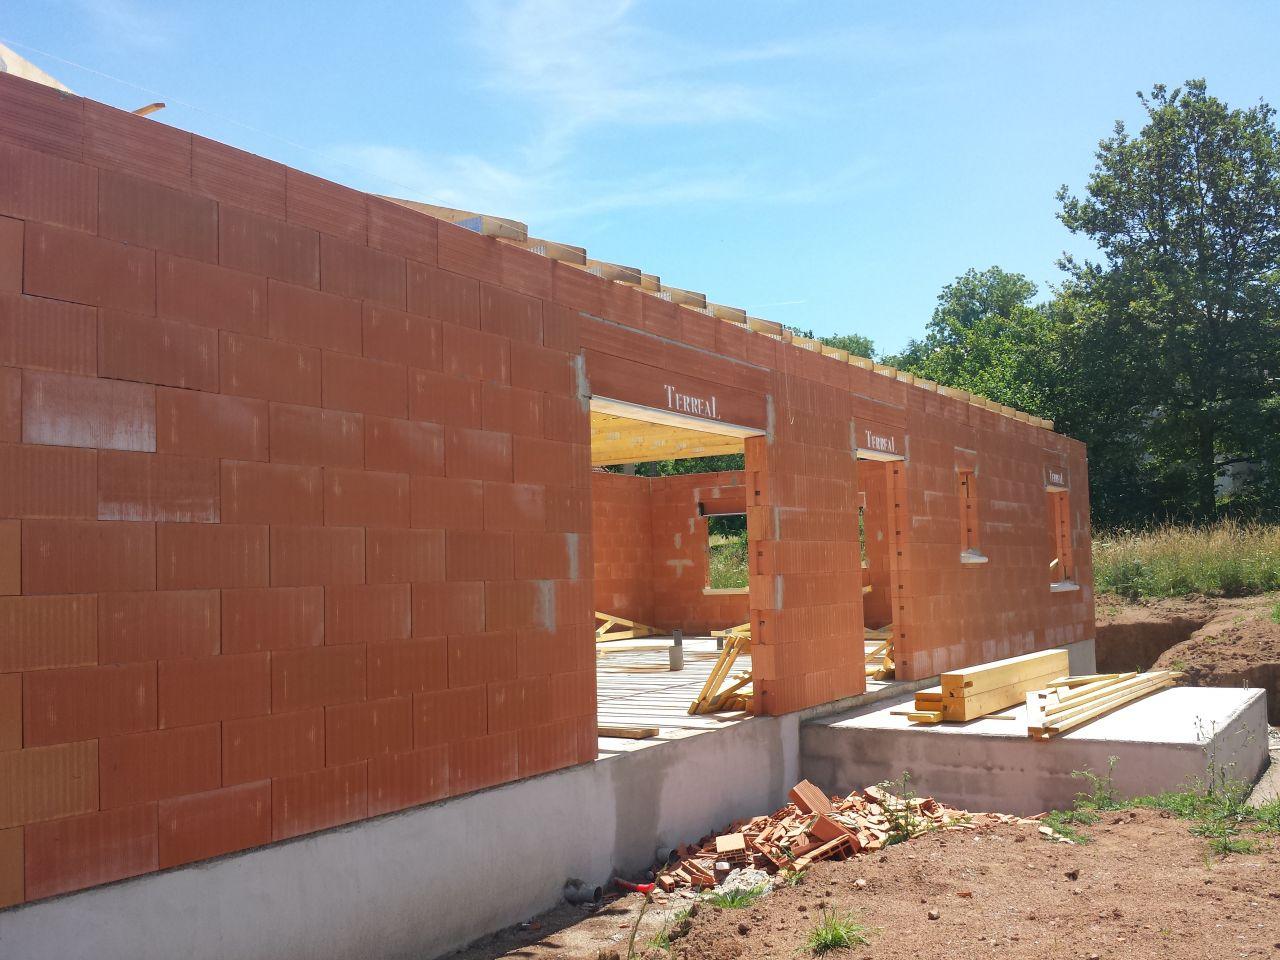 Seuil de porte fissur 9 messages - Reparer fissure dalle beton terrasse ...